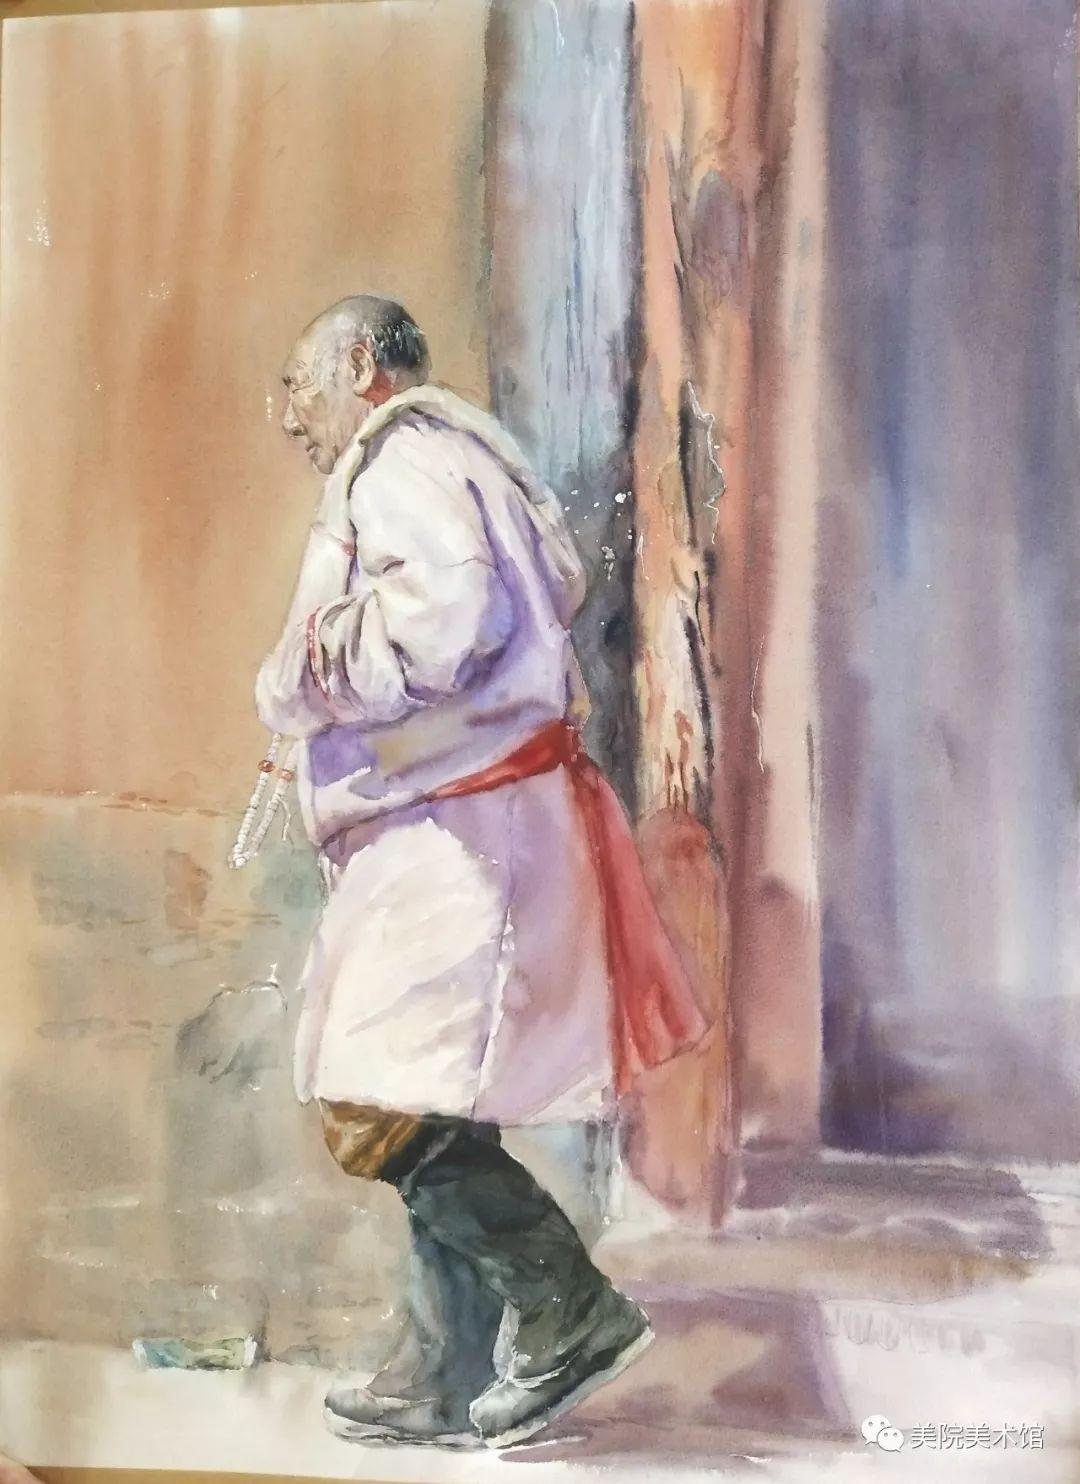 内蒙古师范大学美术学院2018届毕业水彩画 作品 第23张